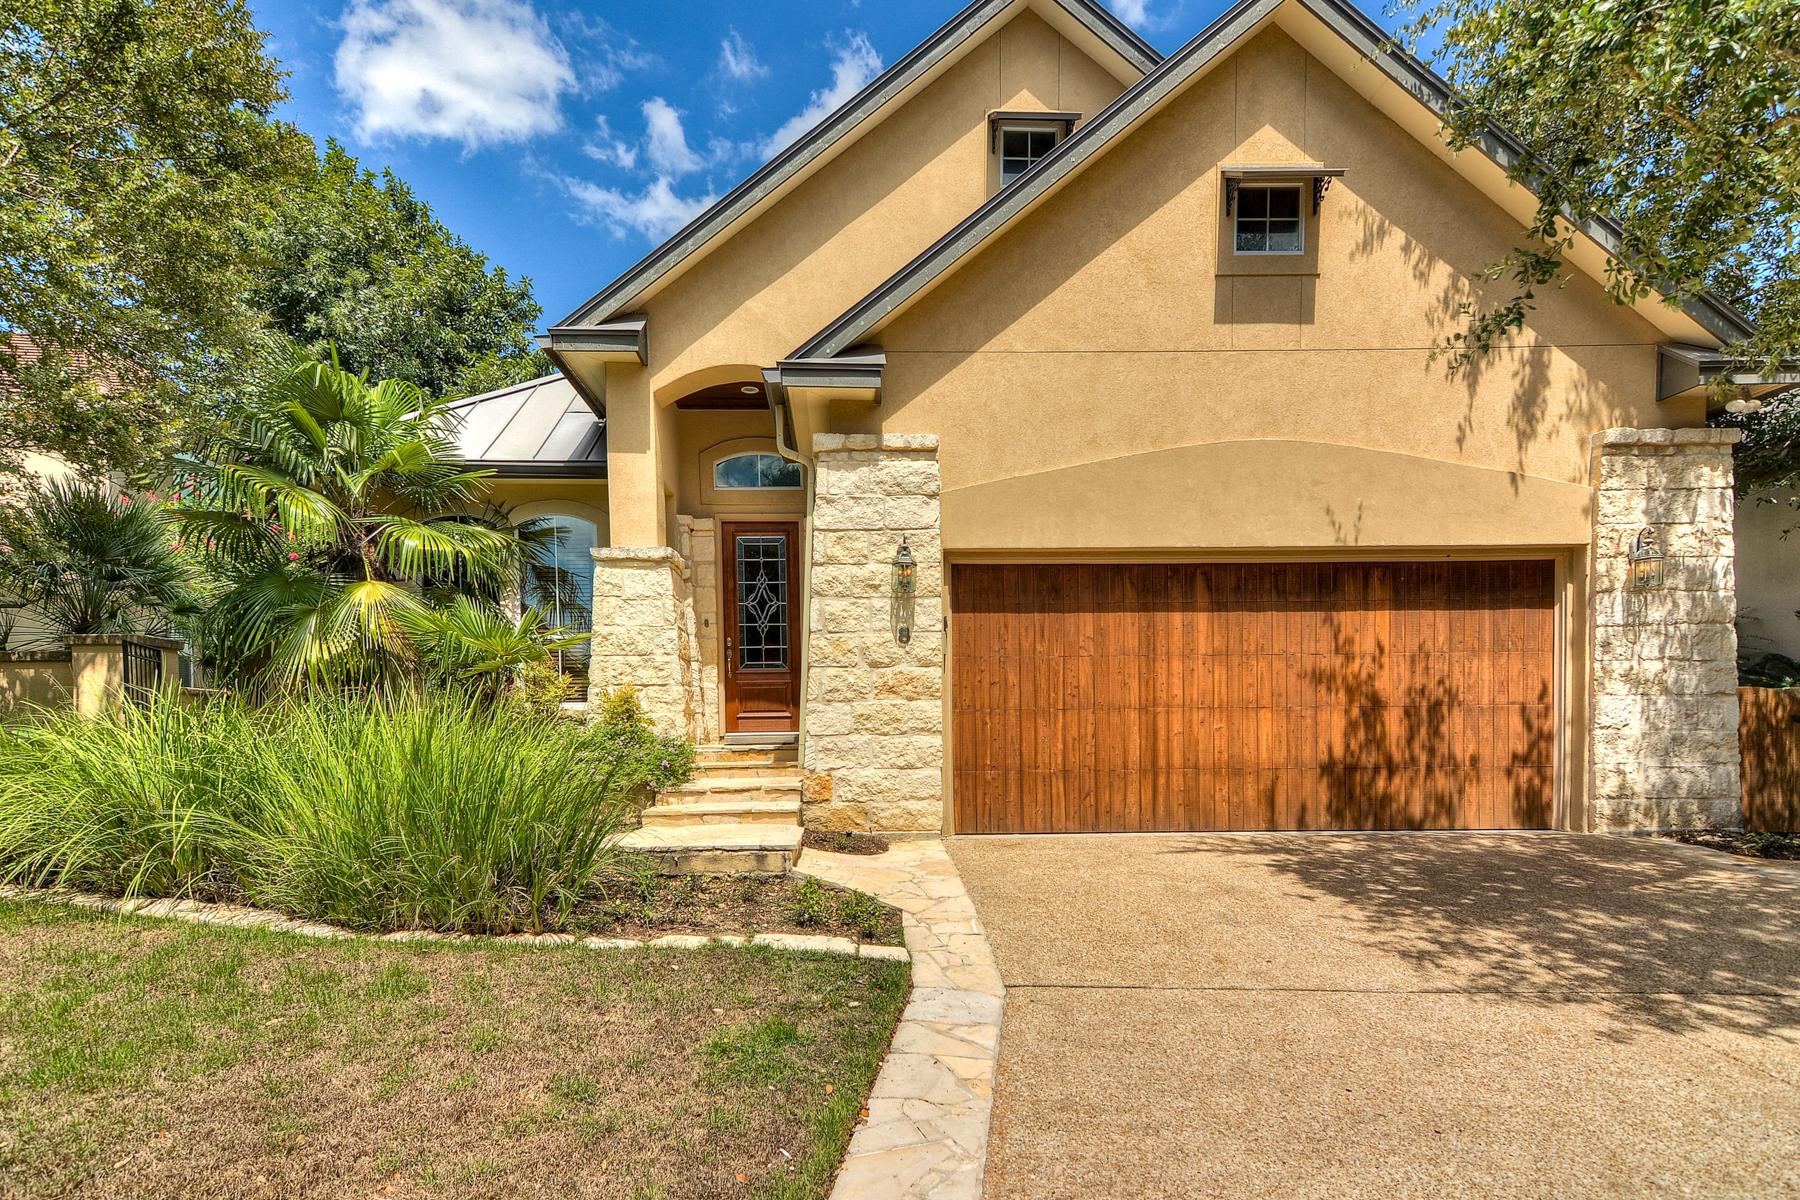 Casa Unifamiliar por un Venta en Gorgeous Gem in The Dominion 8 Worthsham Dr San Antonio, Texas 78257 Estados Unidos